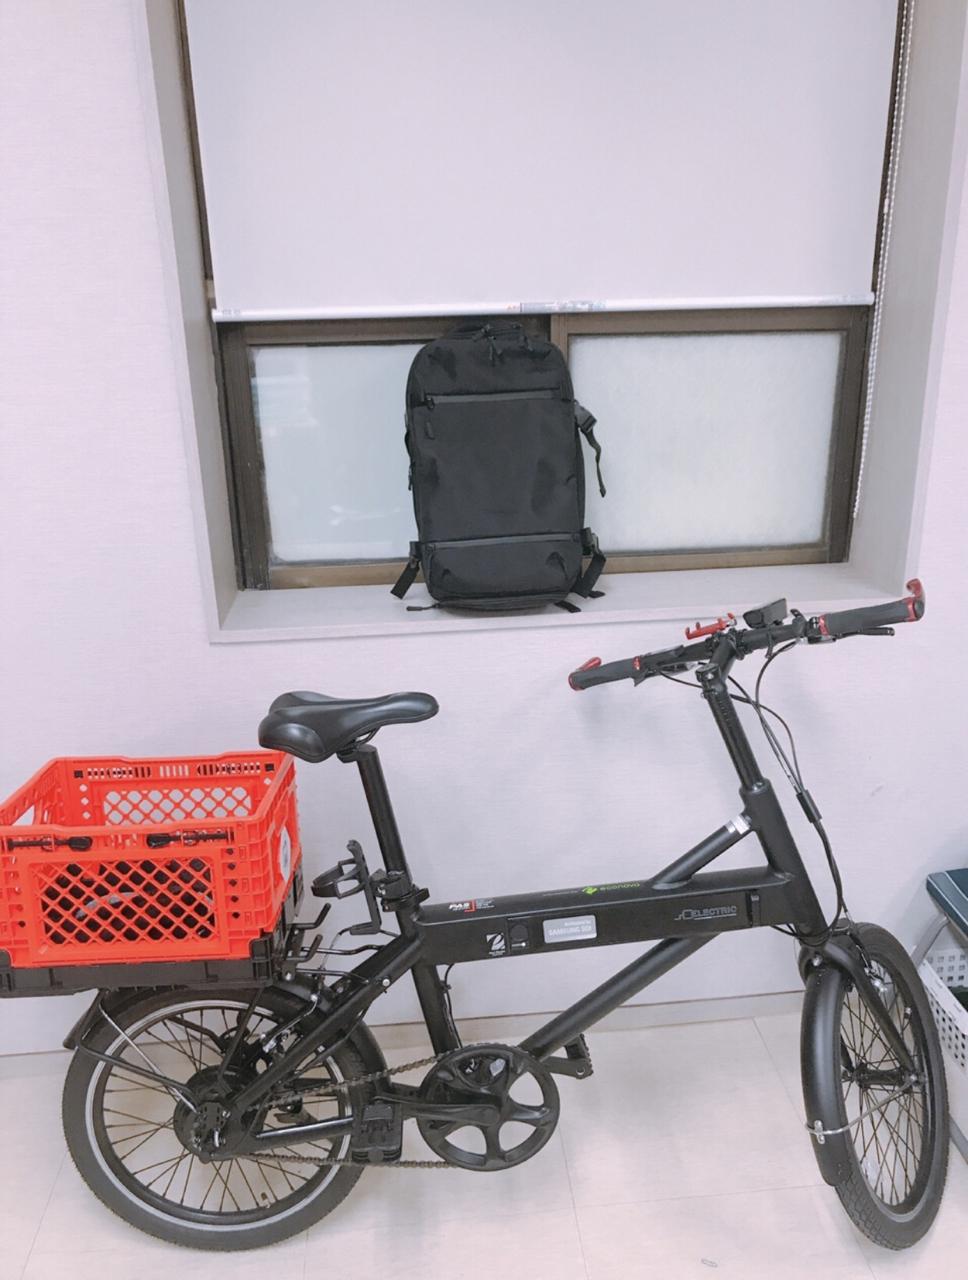 #전기 자전거 #2018년 알톤 에코노바 팝니다!! 새로 구입한 악세사리 까지 모두 드립니다!!